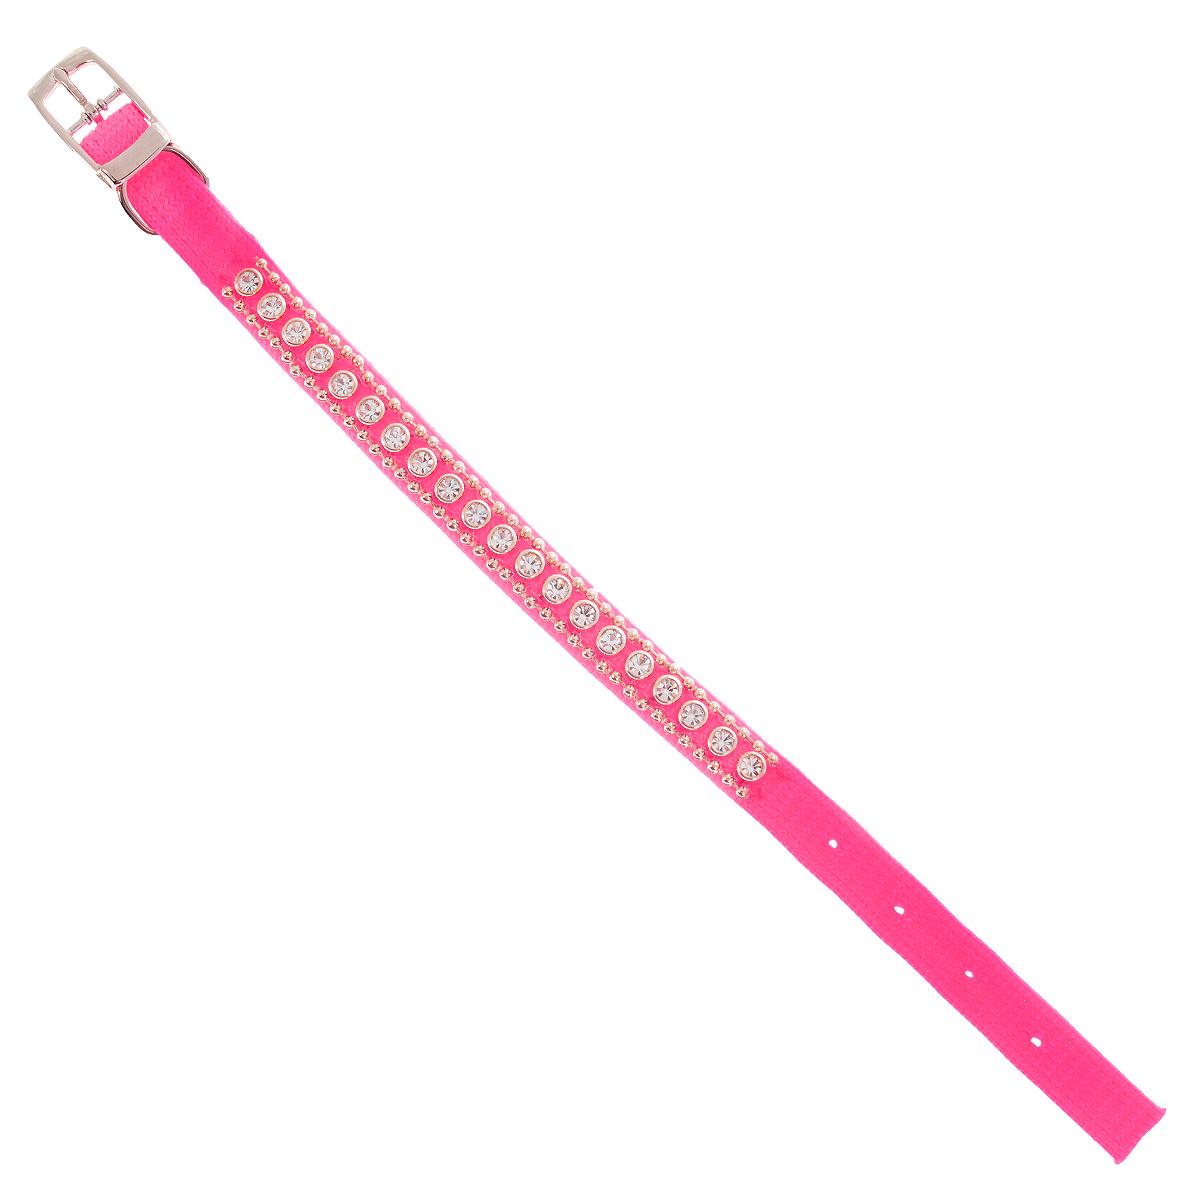 """Фото Ошейник """"Pet Line"""" для животных, со стразами, цвет: розовый, длина 24,5 см. Купить  в РФ"""